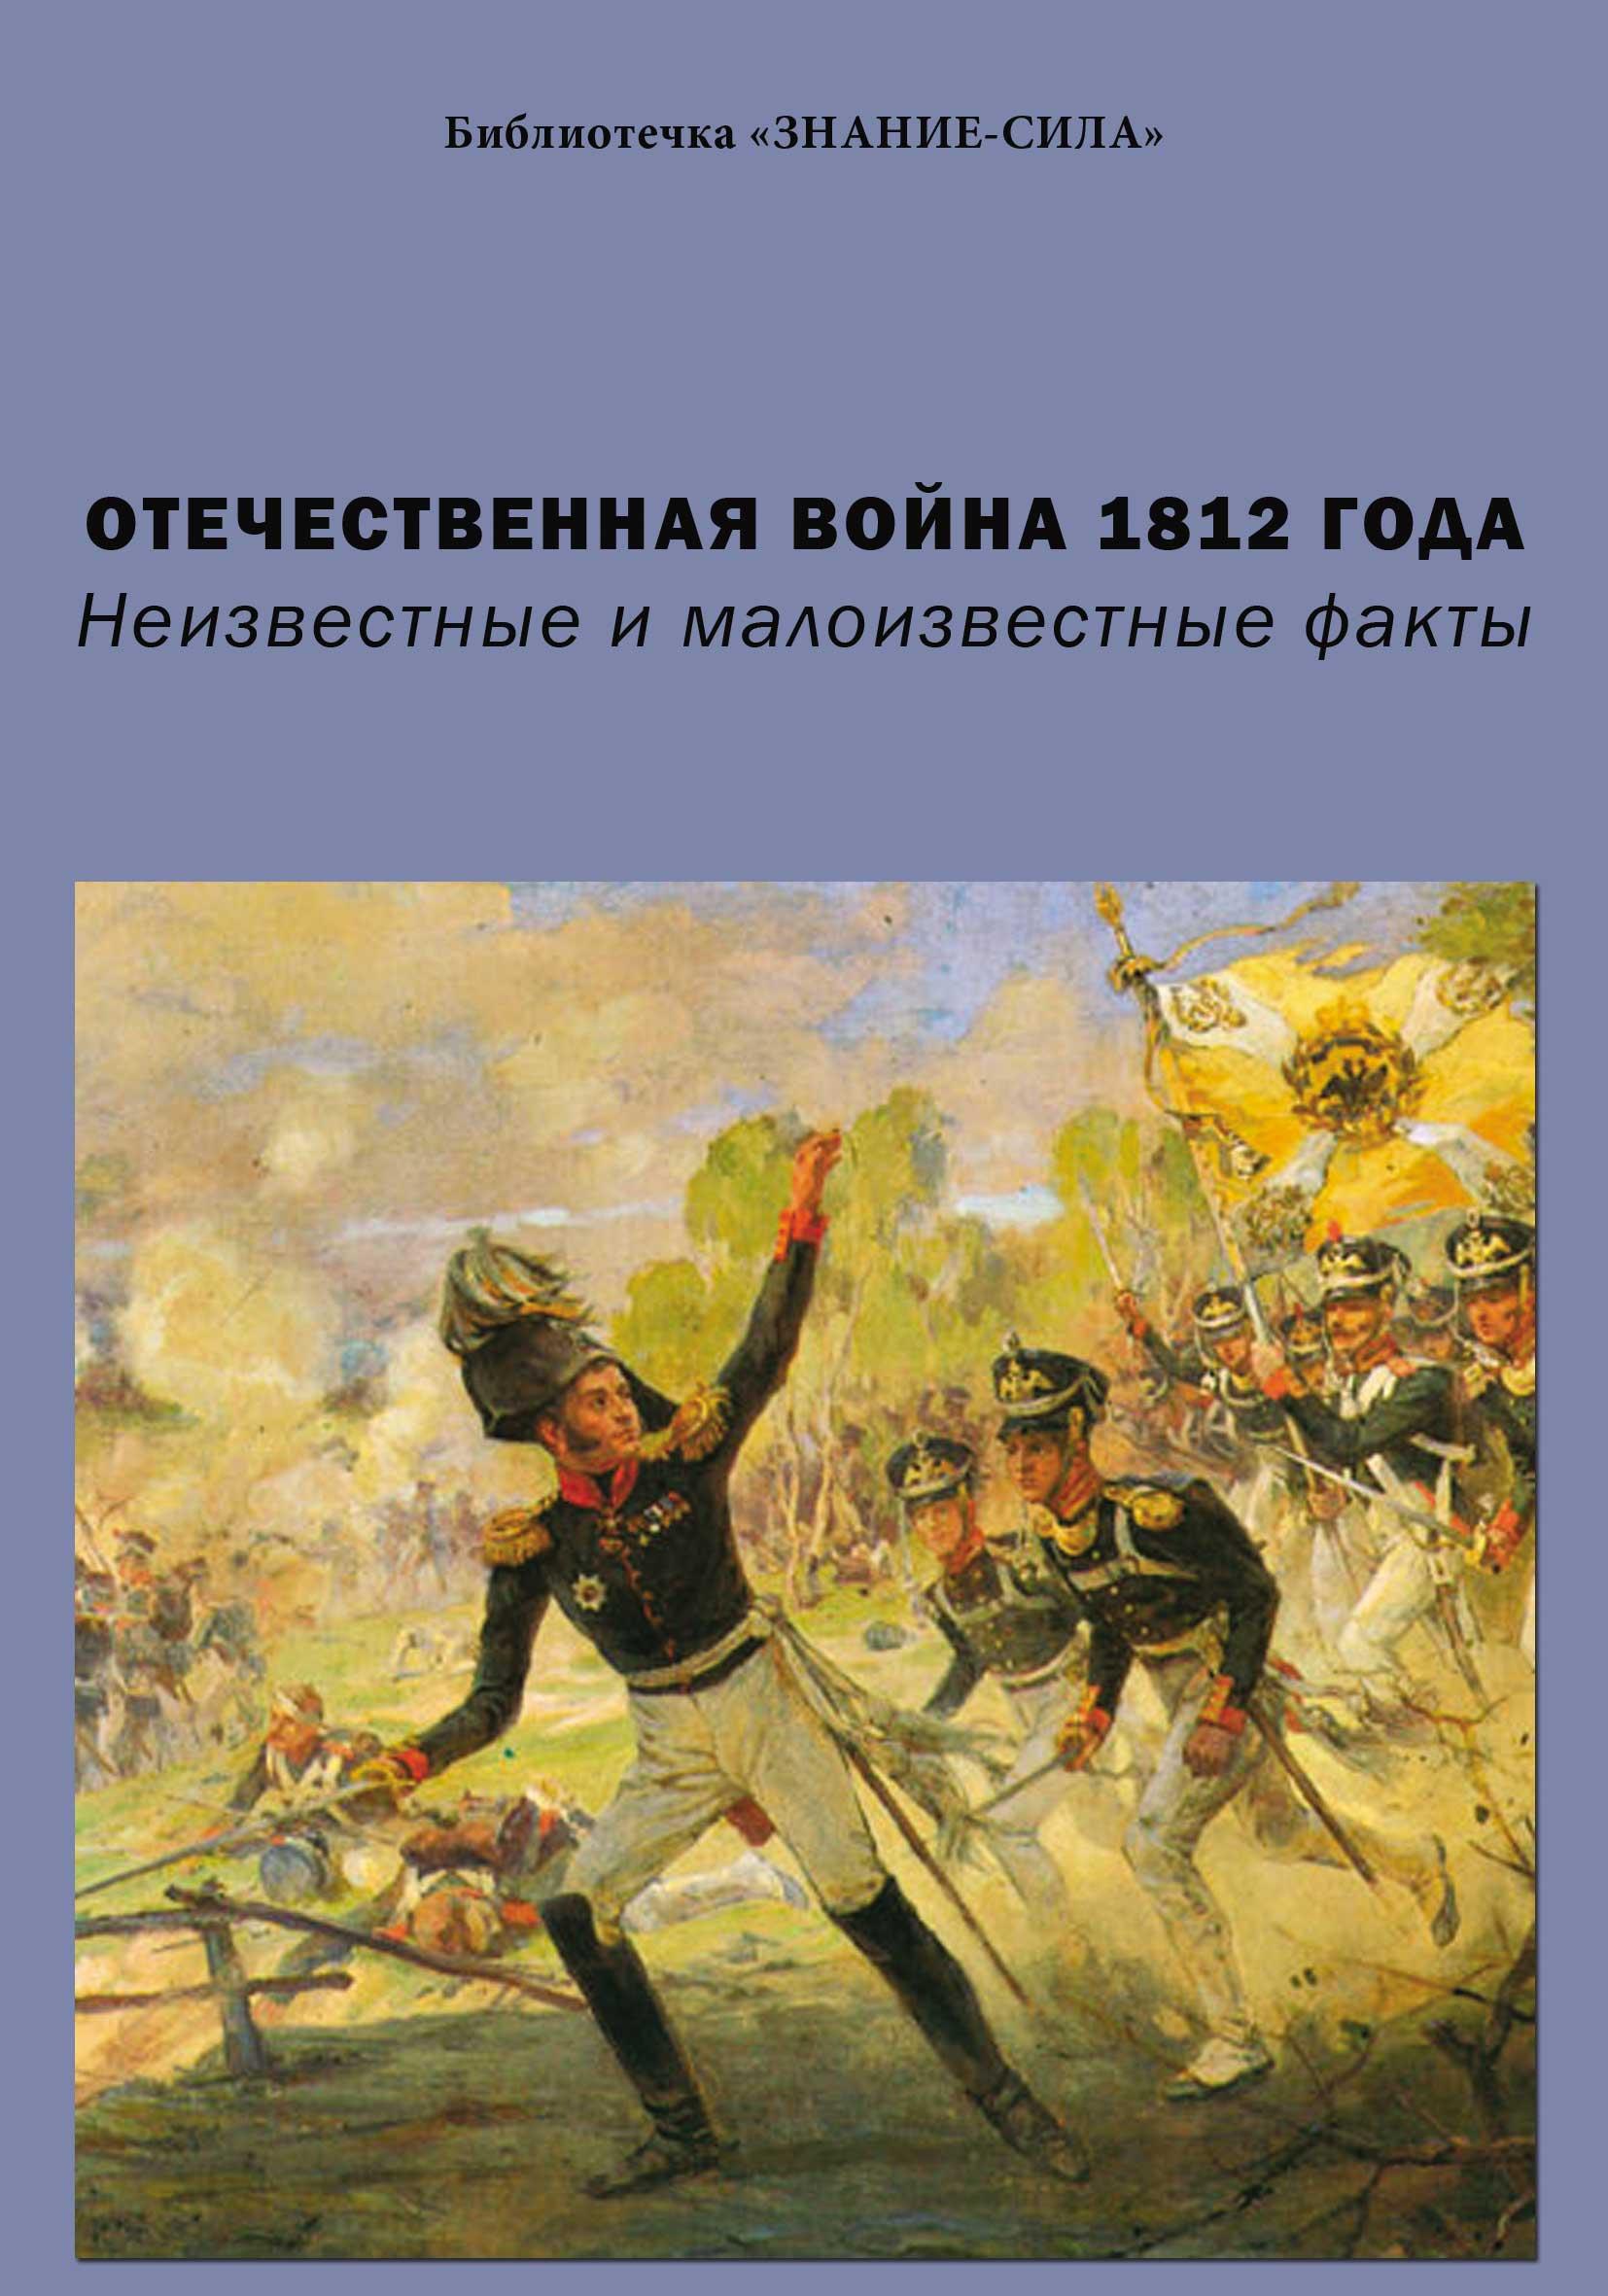 Книги про отечественную войну скачать бесплатно